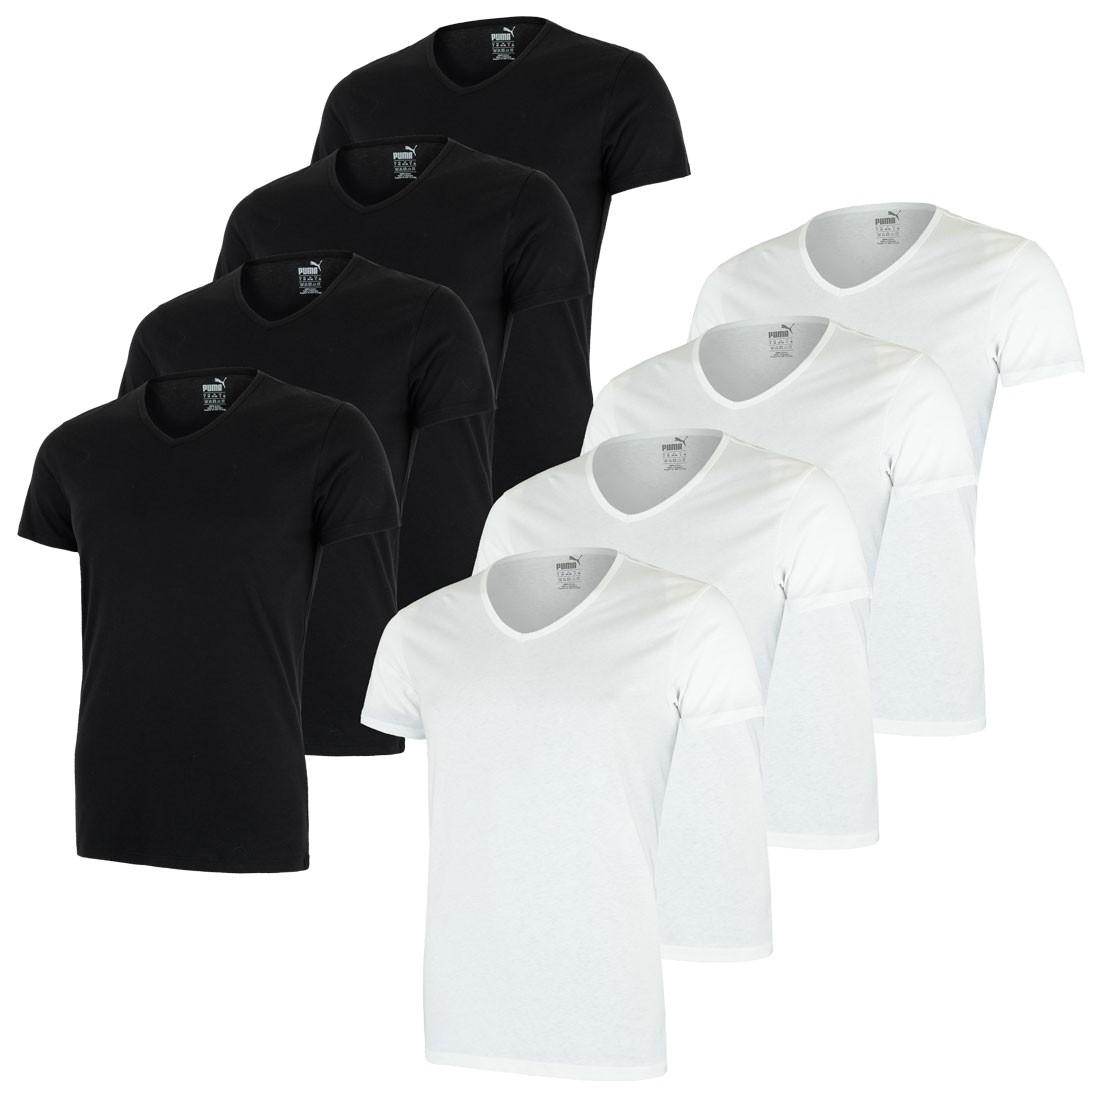 4er - Pack PUMA Herren T-Shirt Unterhemden, V-Ausschnitt – Bild 1